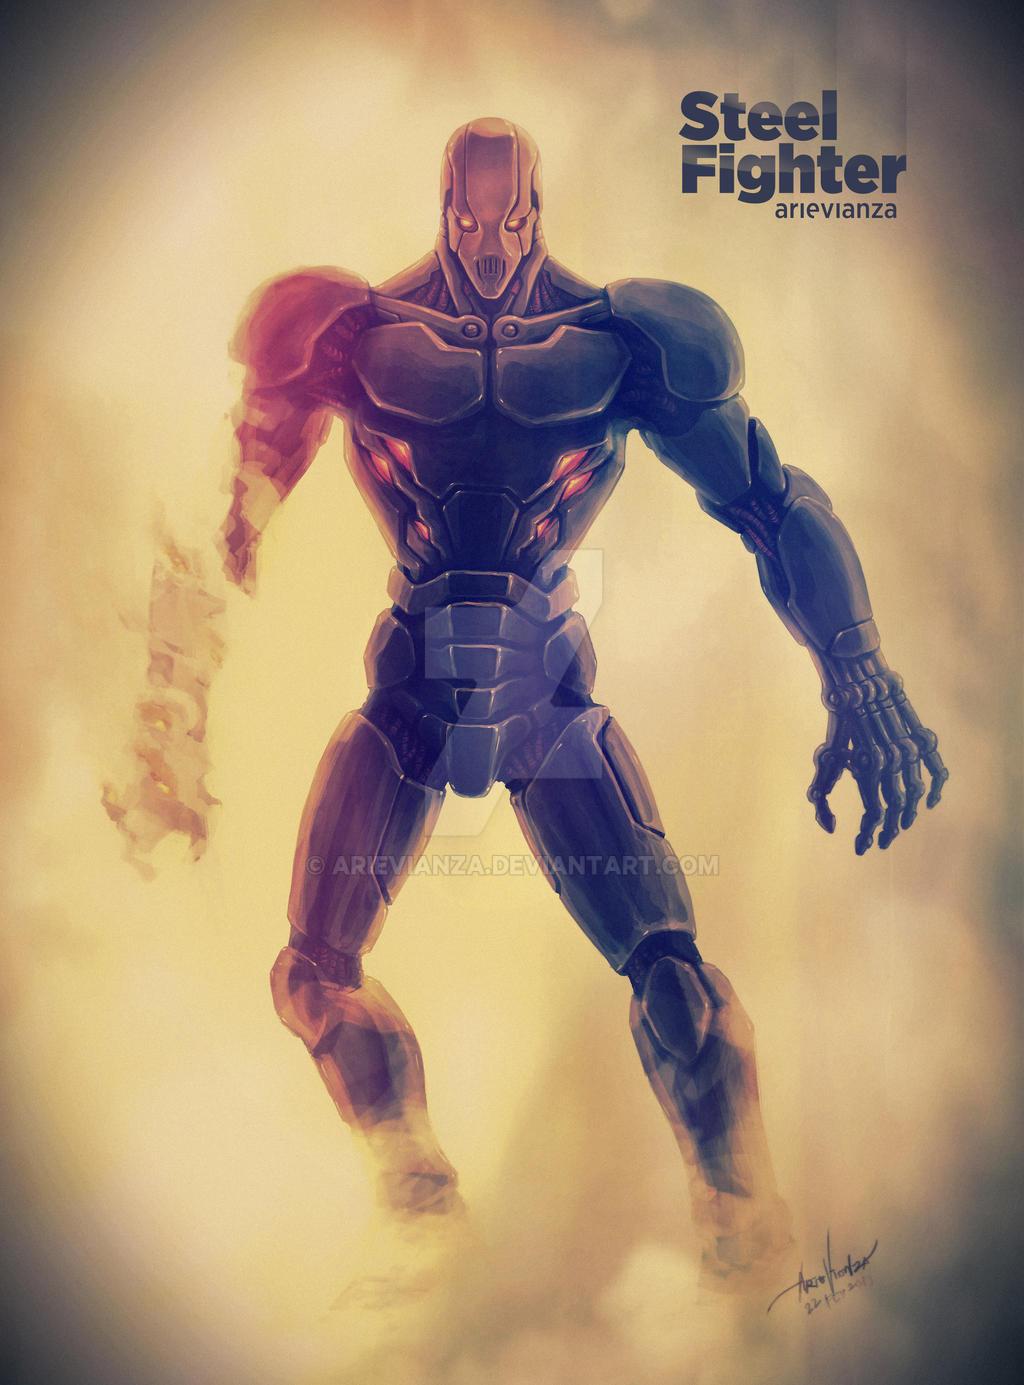 Steel Fighter by arievianza